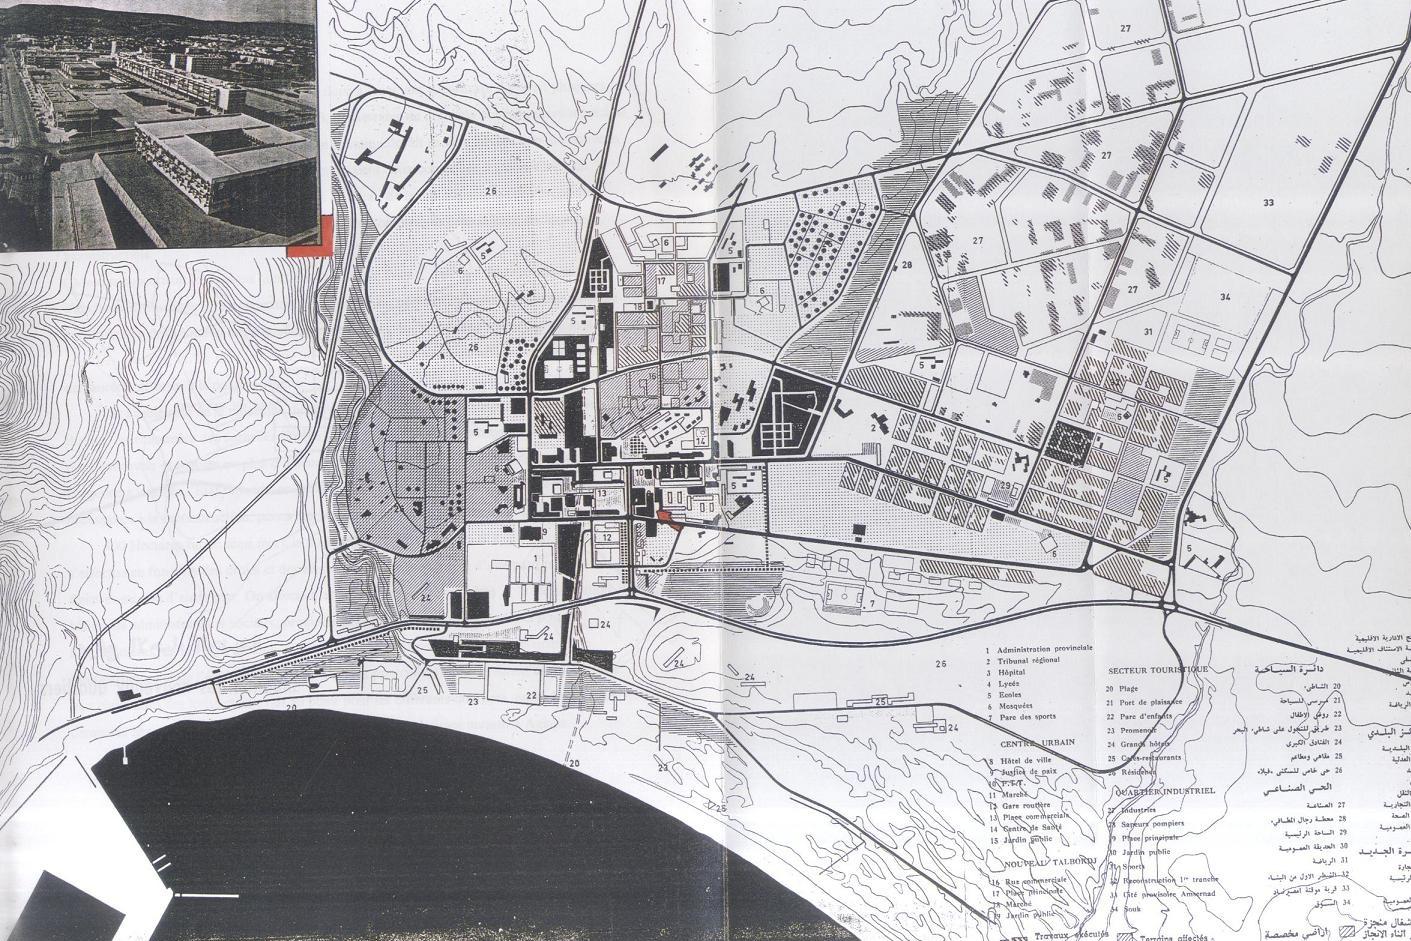 Plan d'aménagement de la ville d'Agadir - Haut commissariat de la Reconstruction  © Amush